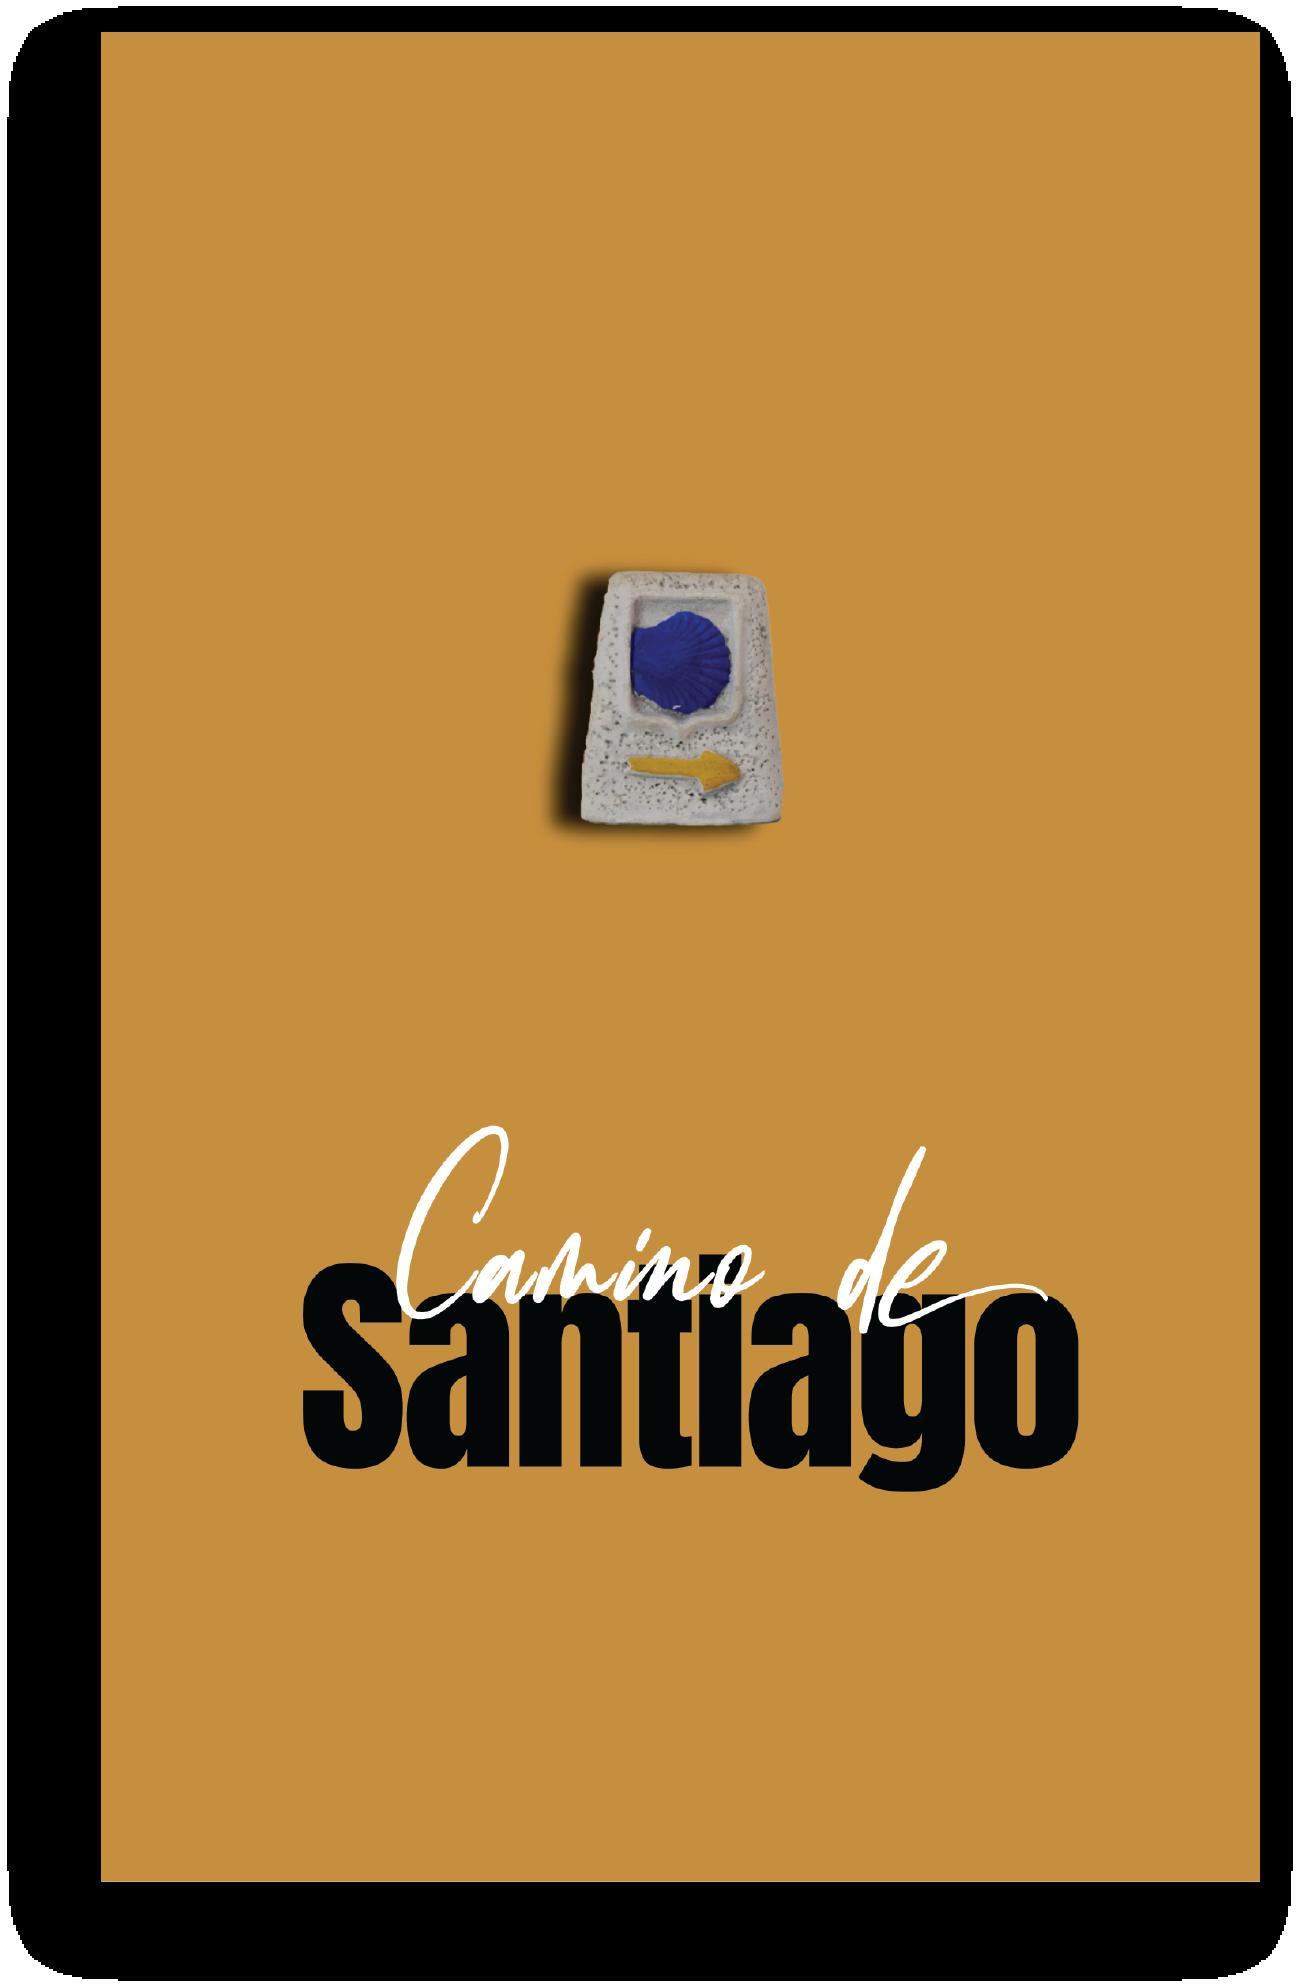 Grafica Camino de Santiago